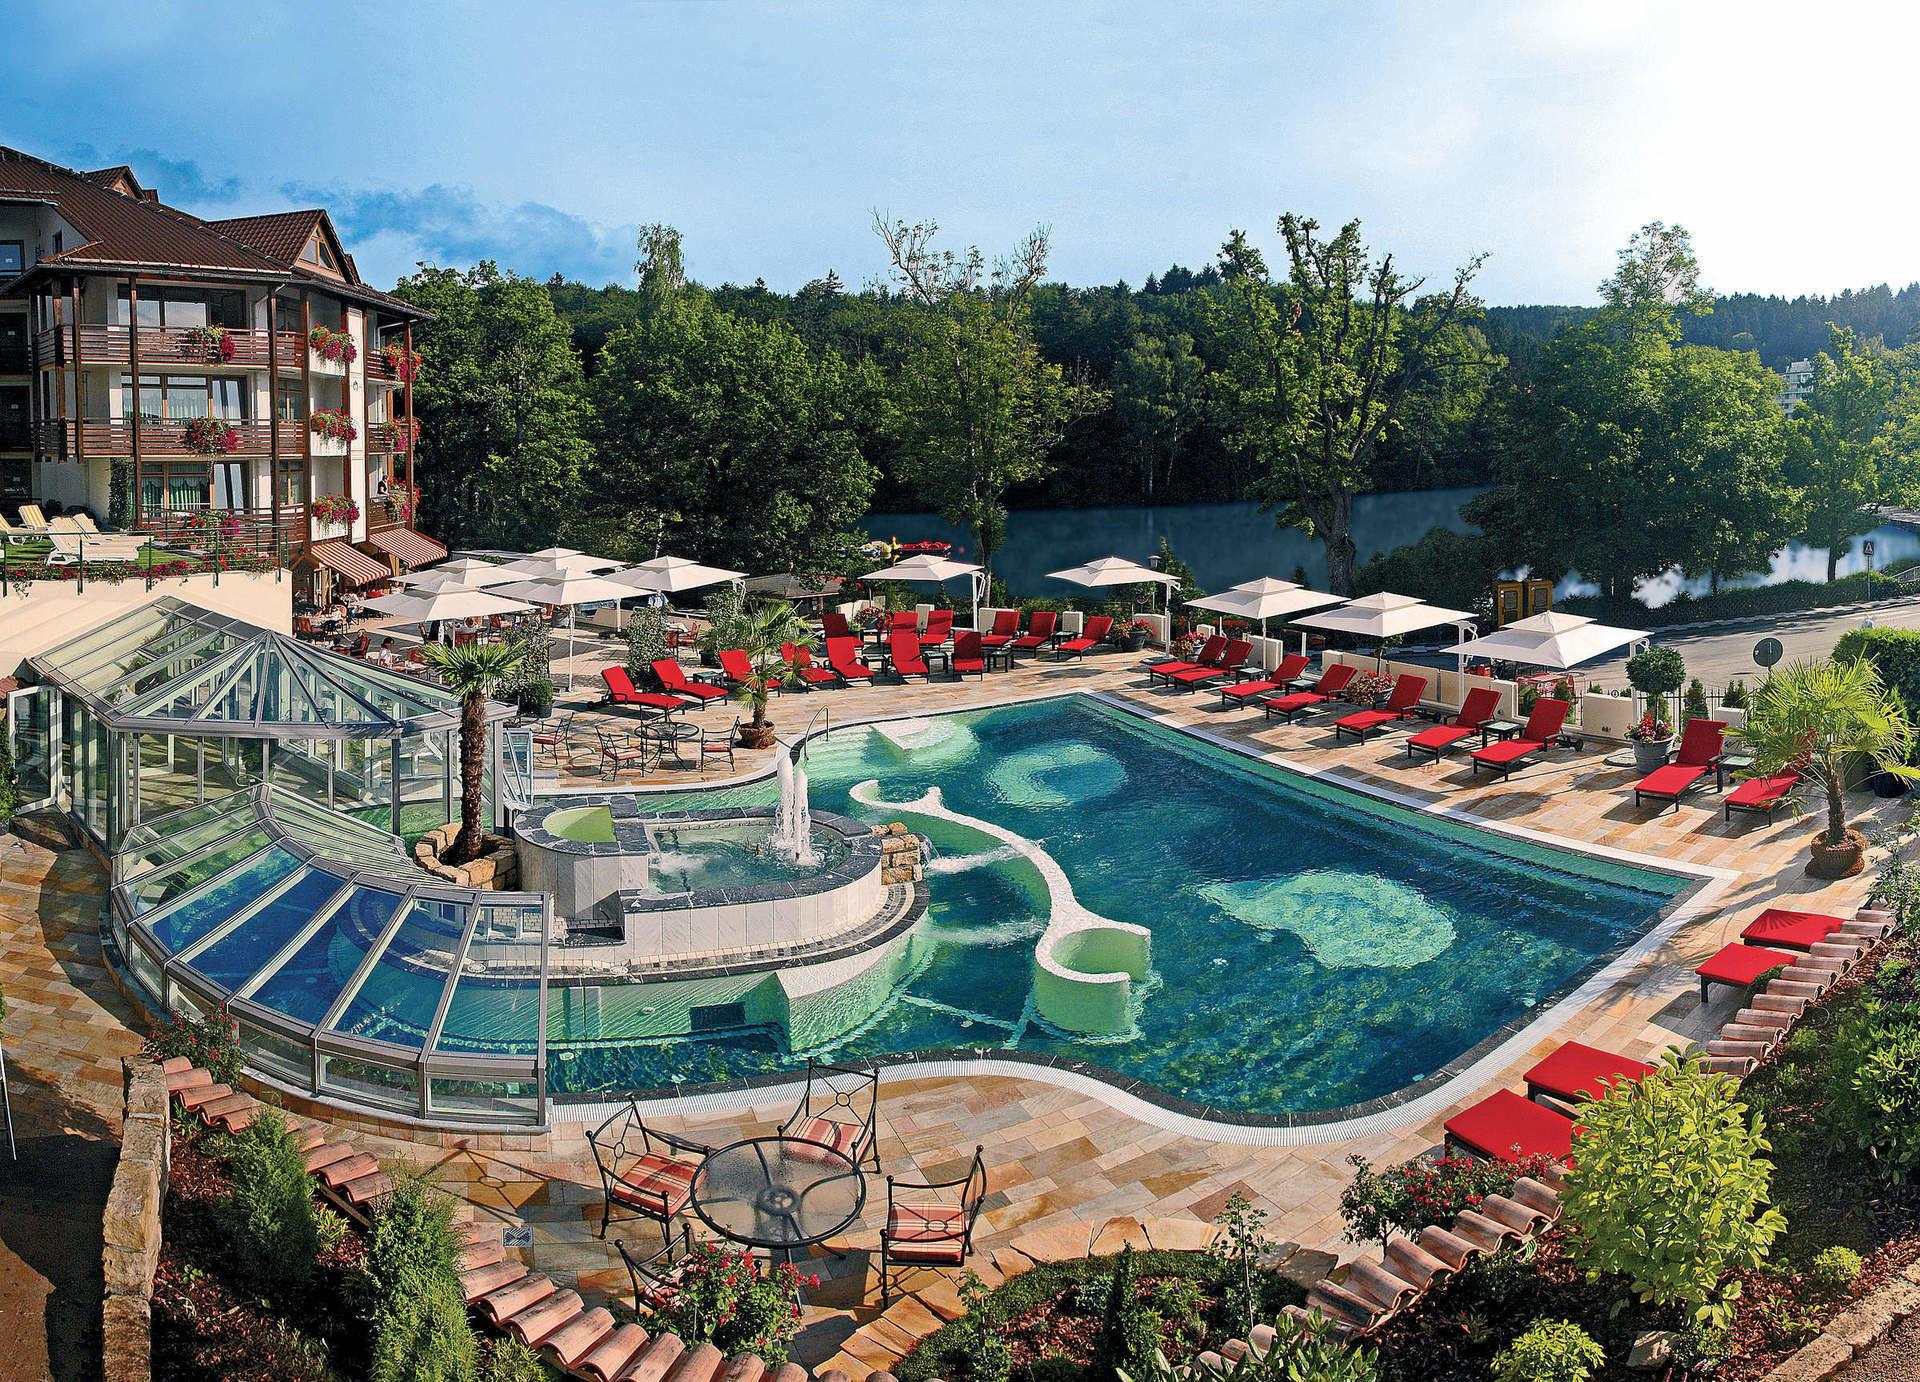 Hotel romantischer winkel im harz spa wellness resort for Design hotels deutschland mit wellness